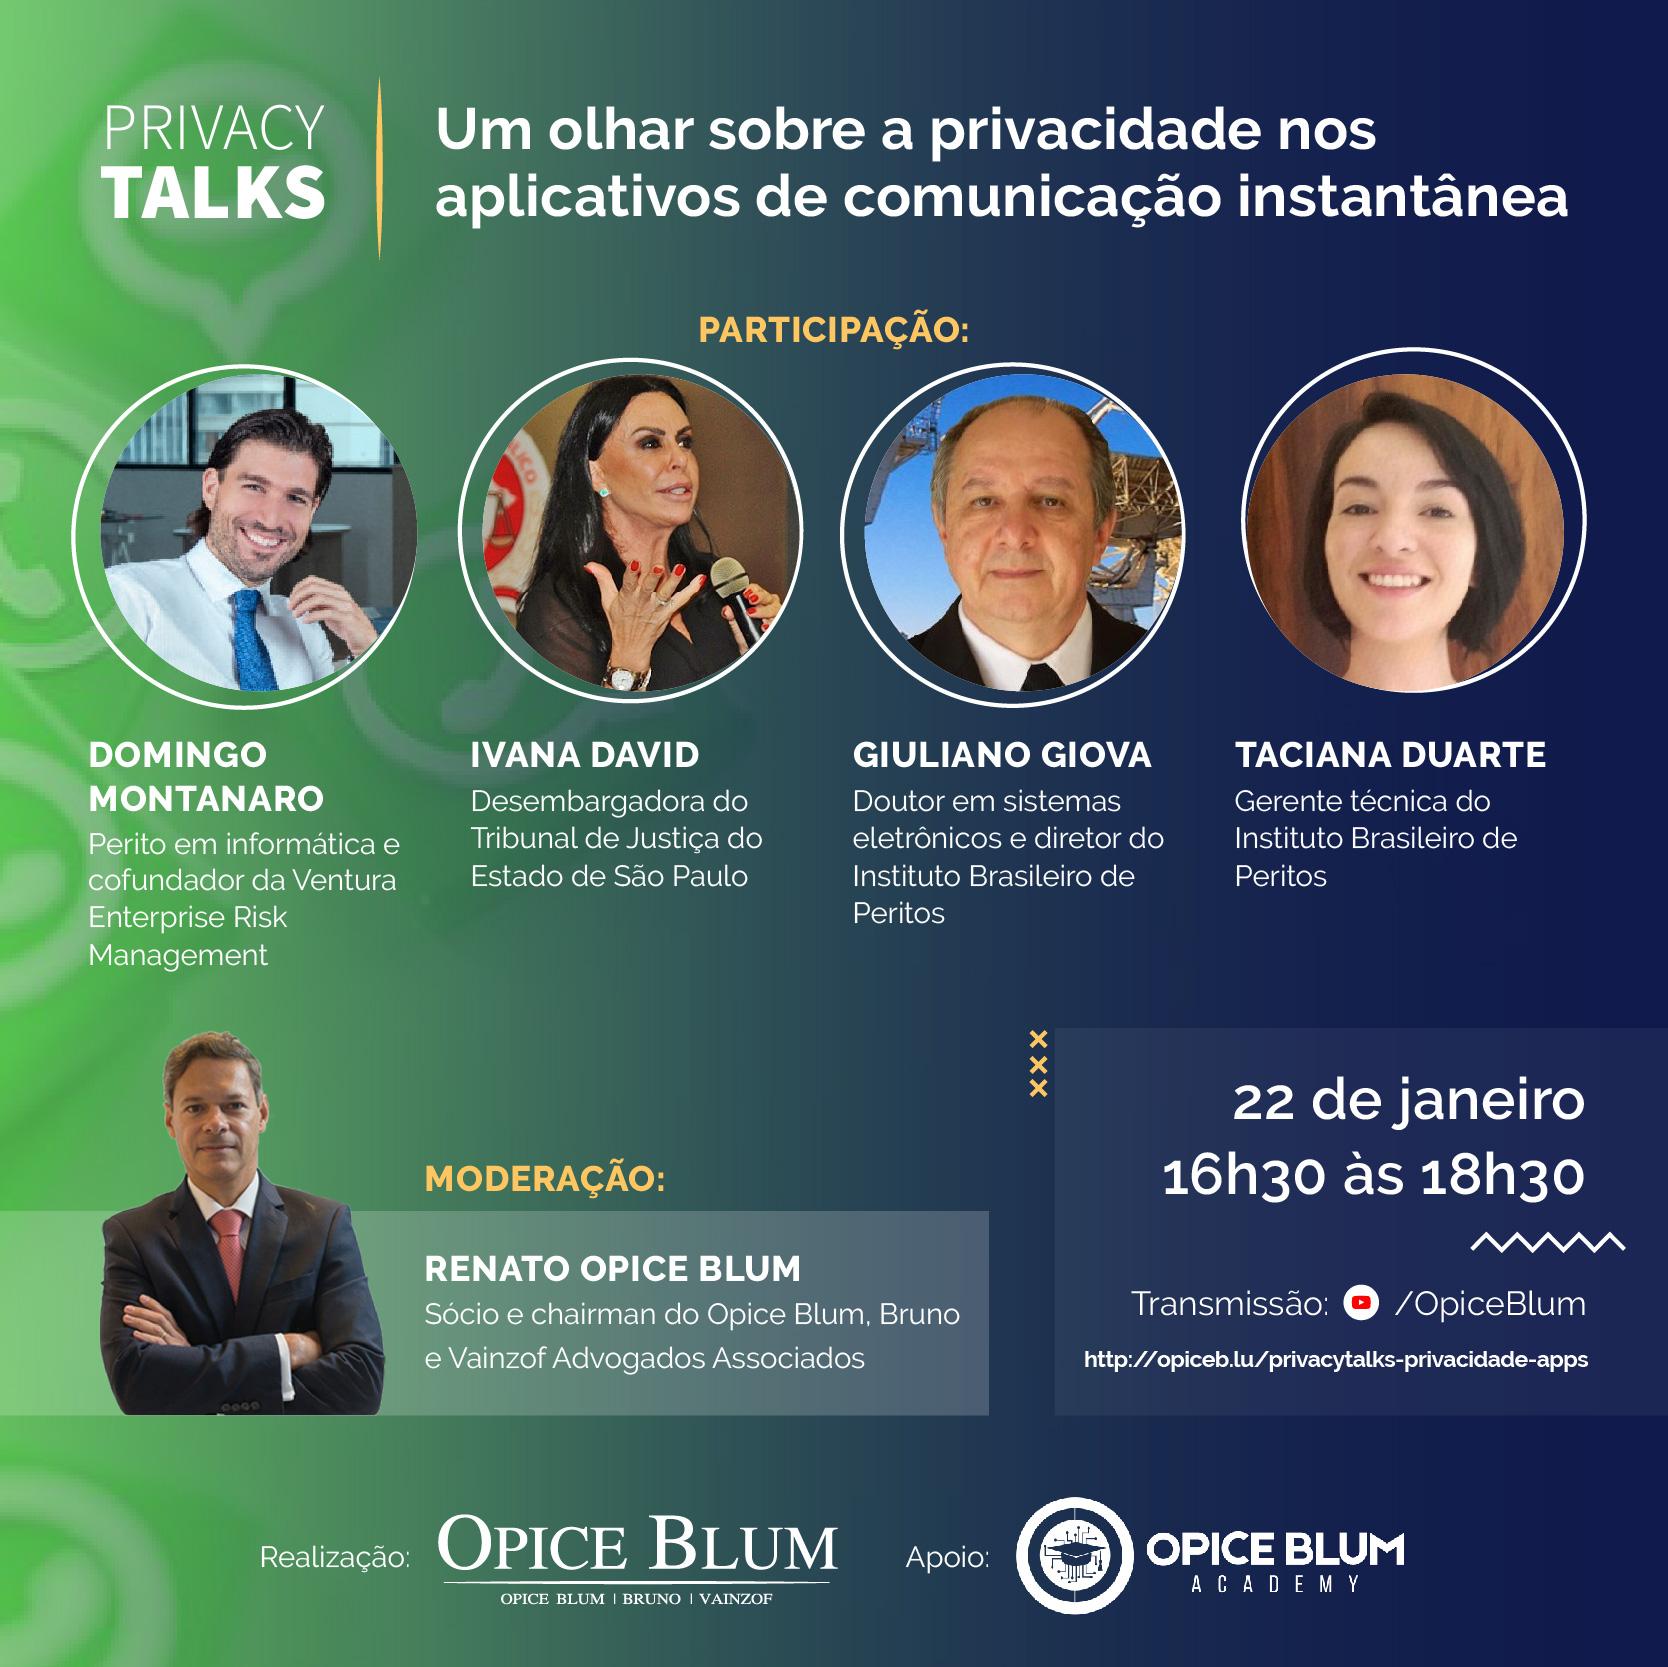 Privacy Talks: privacidade nos aplicativos de comunicação instantânea